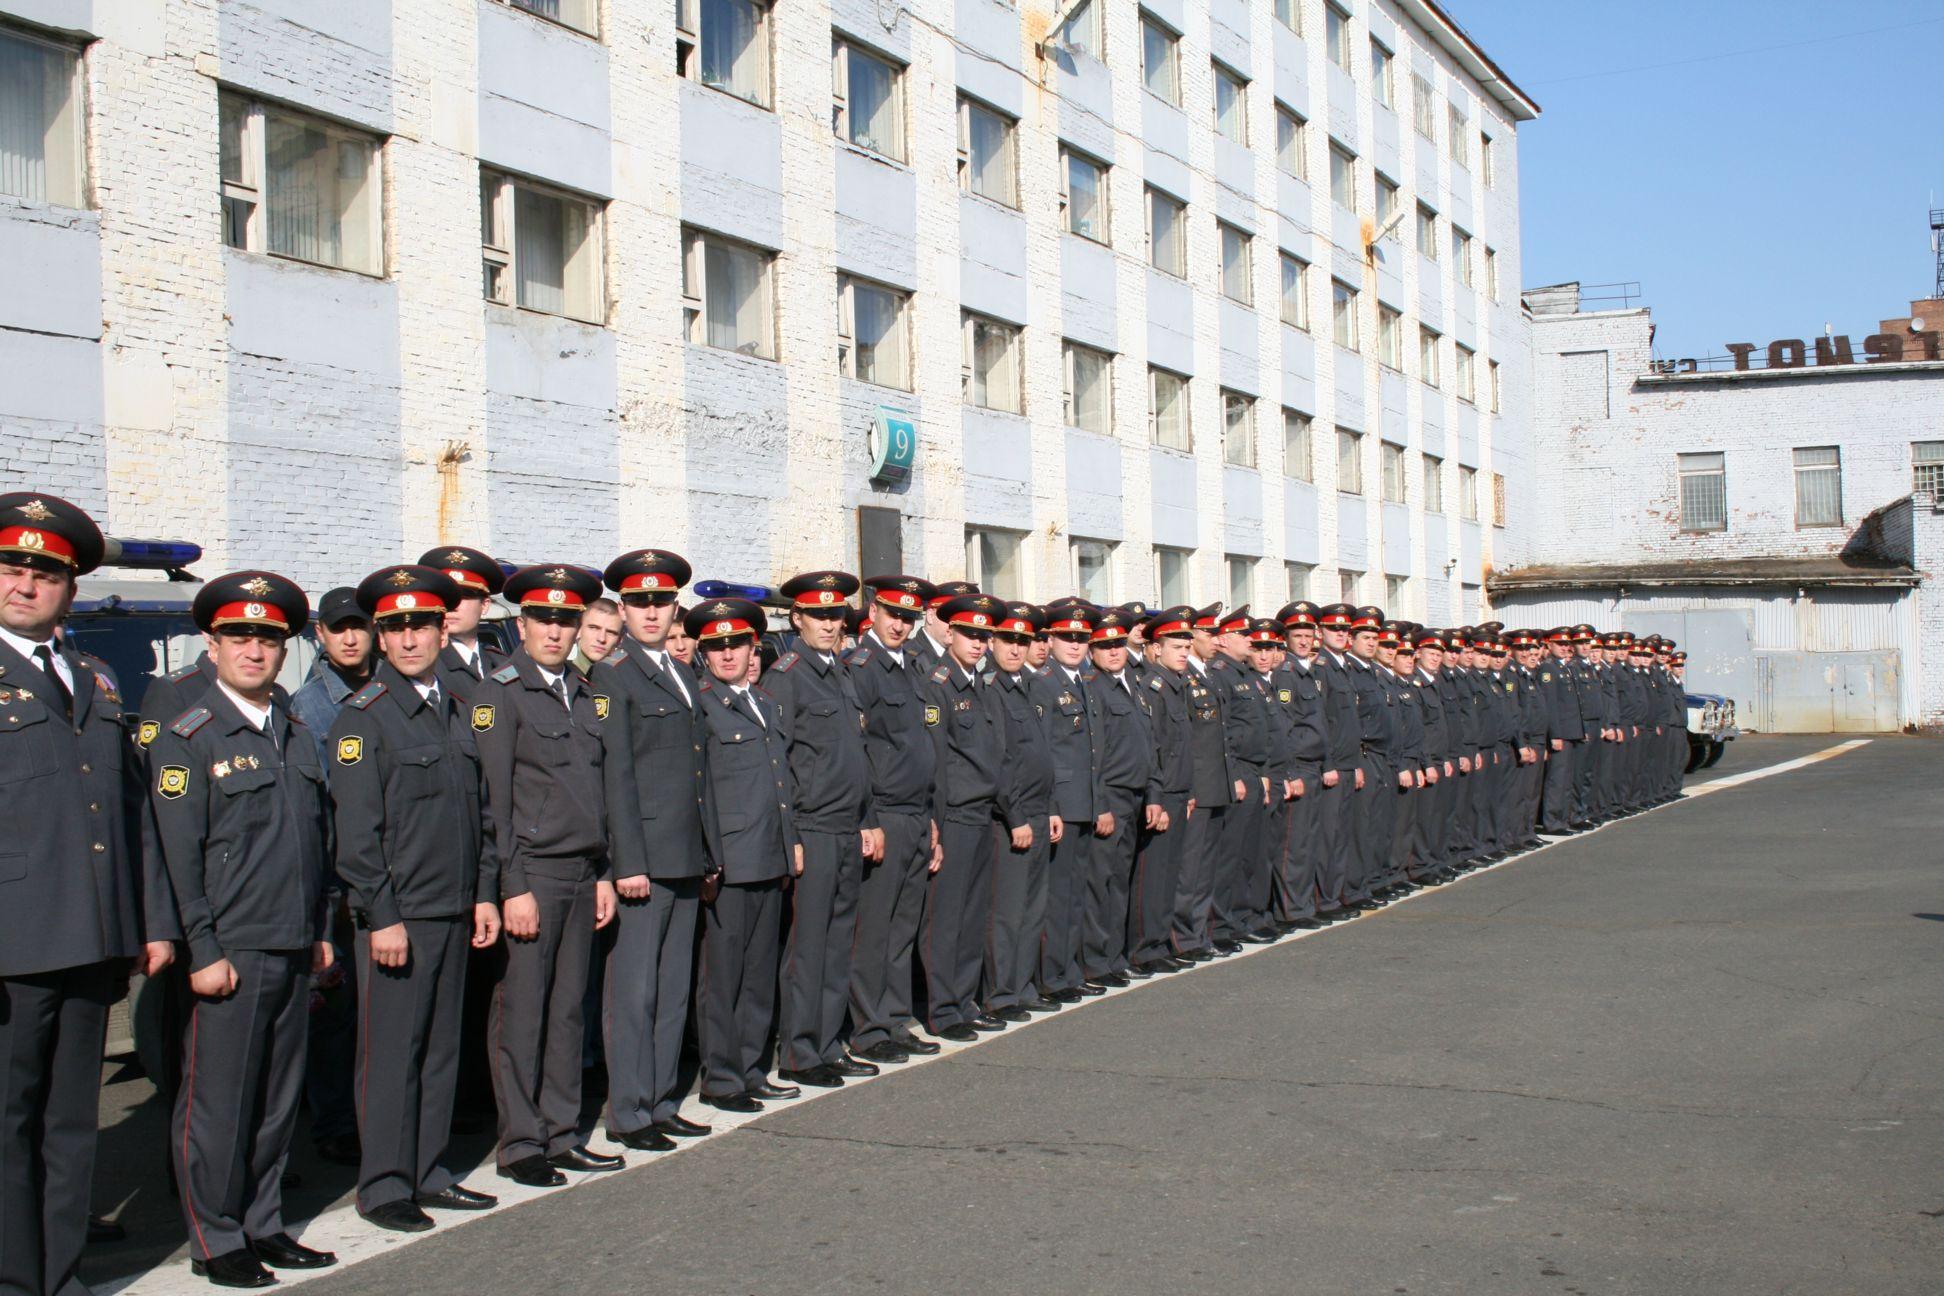 14 лучших сотрудников ППС Норильска получат 2 сентября награды в честь 90-летия со дня образования патрульно-постовой службы в системе МВД